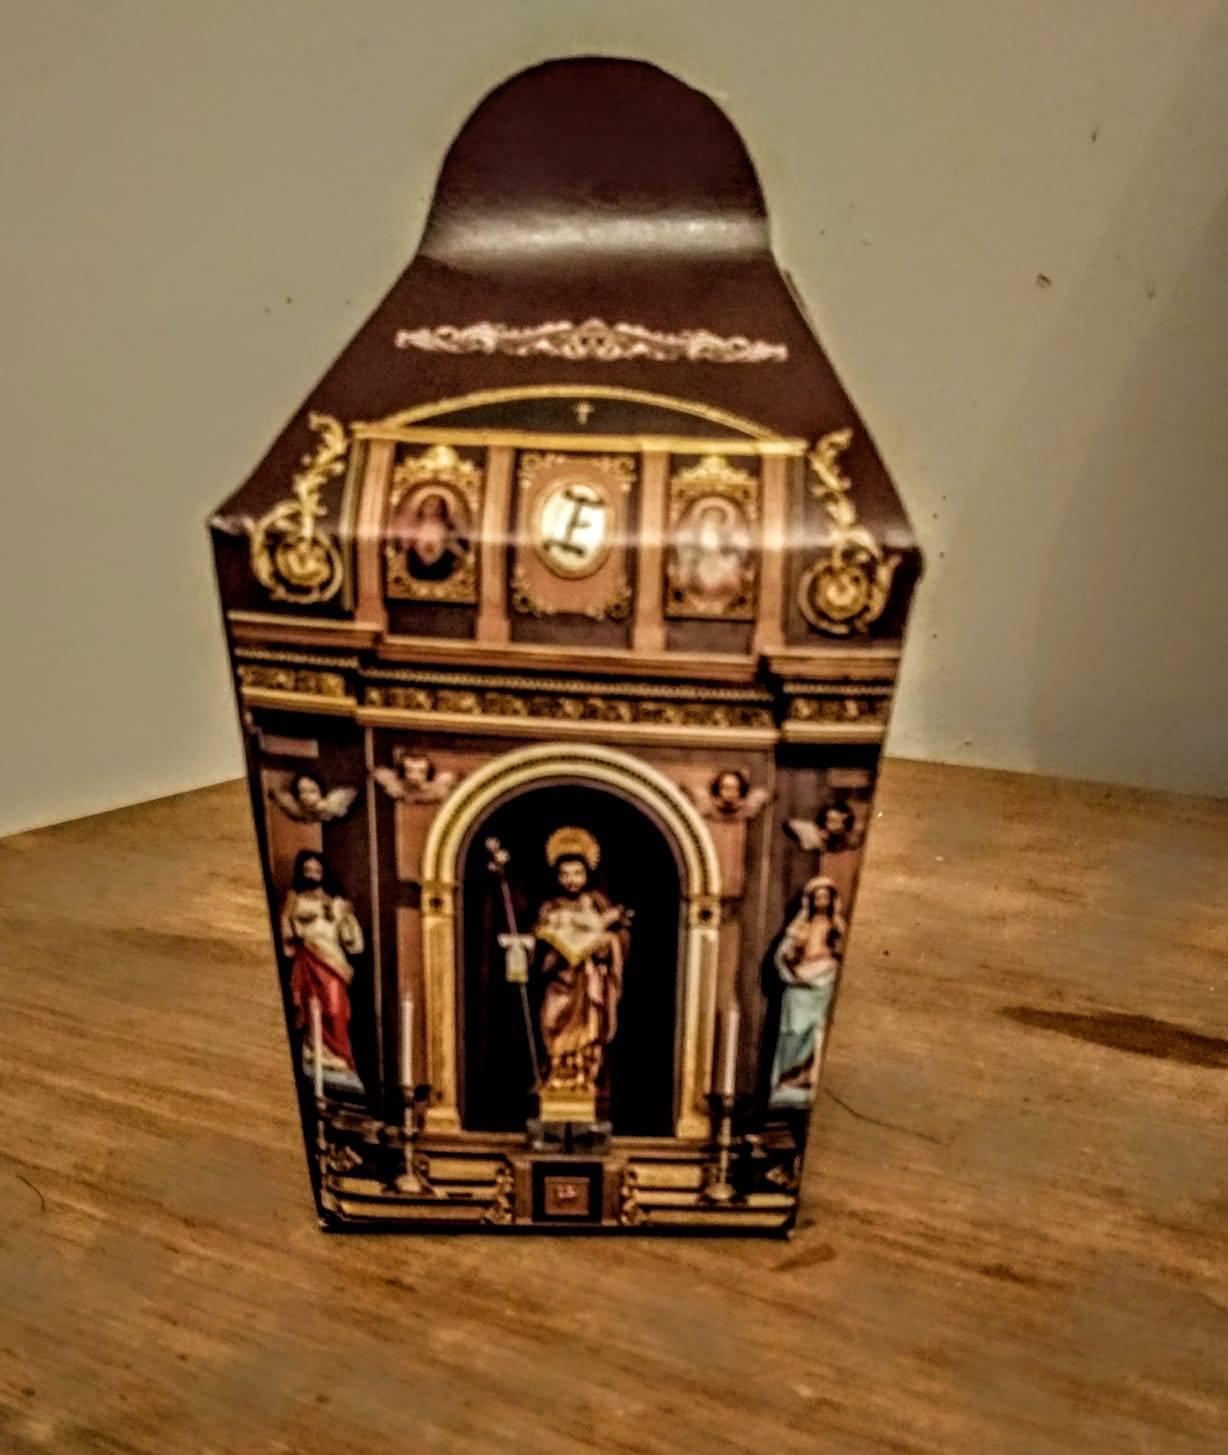 capillas calendario de San Jos%C3%A9 de Herencia1 - La hermandad de San José realiza la donación de capillas-calendario a las residencias de la localidad